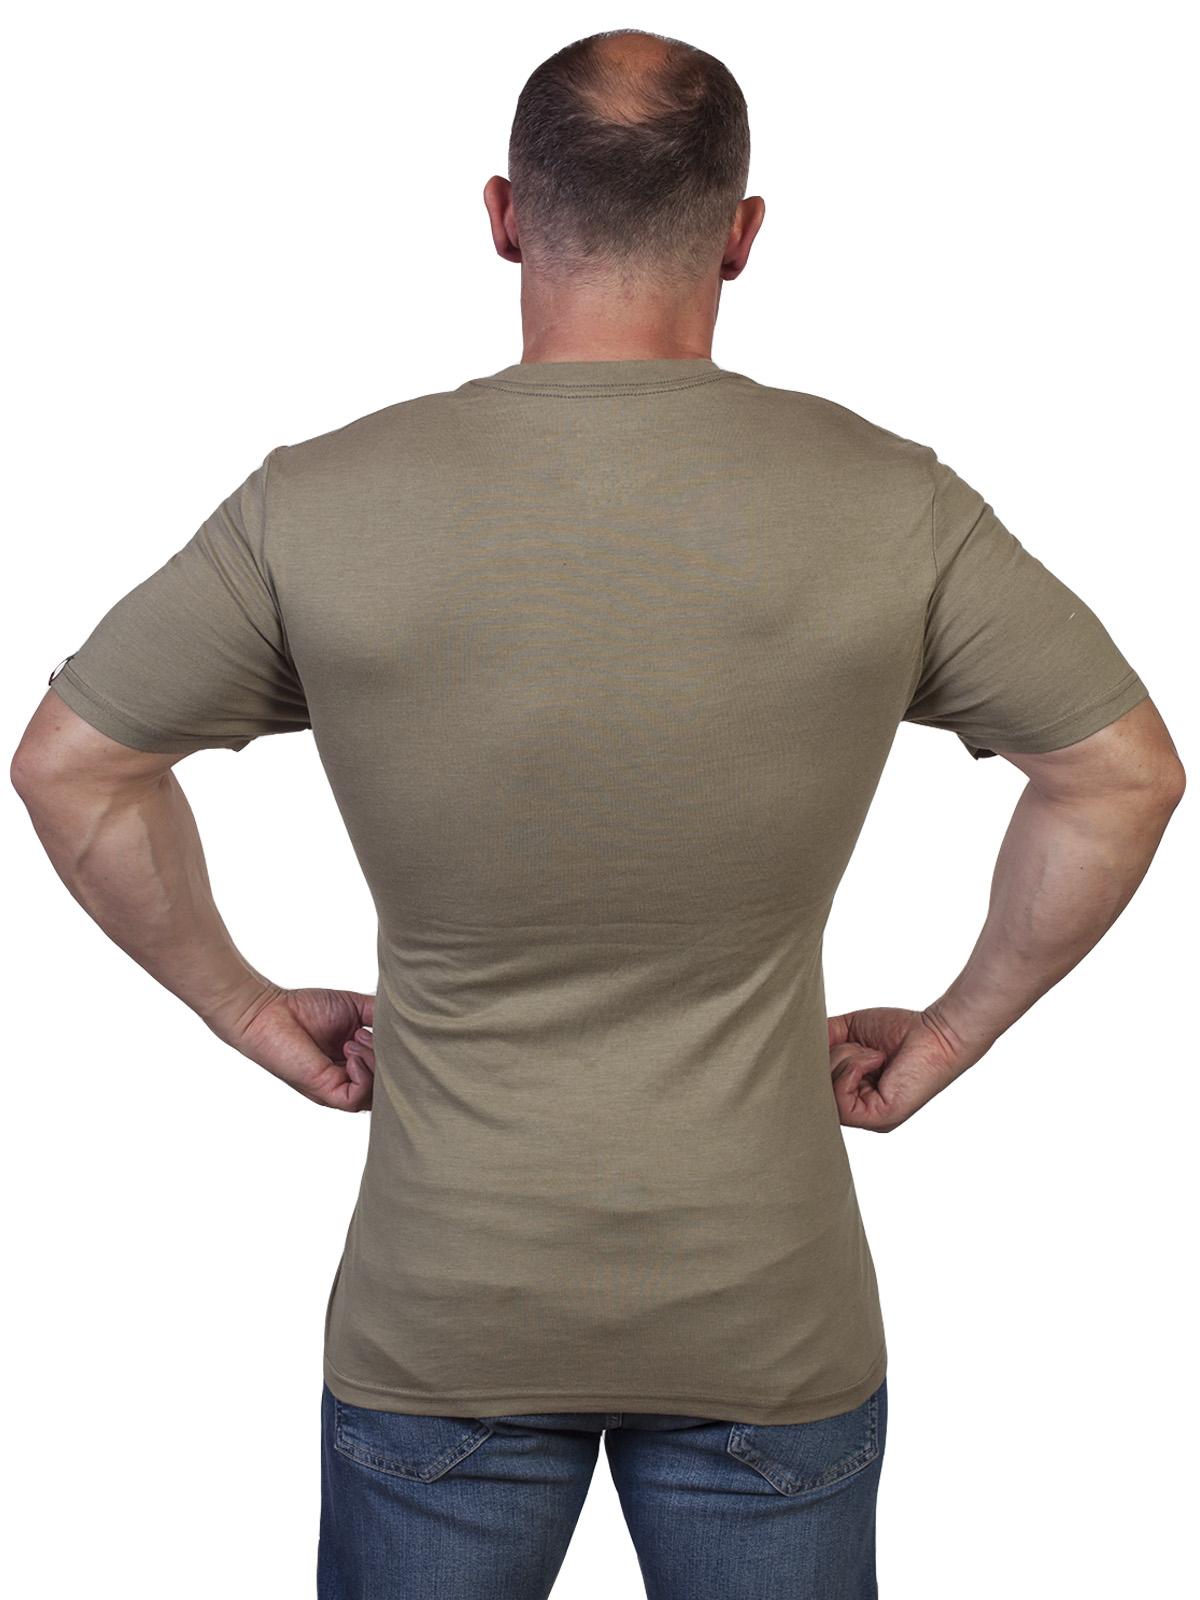 Спортивная мужская футболка Guide Life с принтом. - купить с доставкой